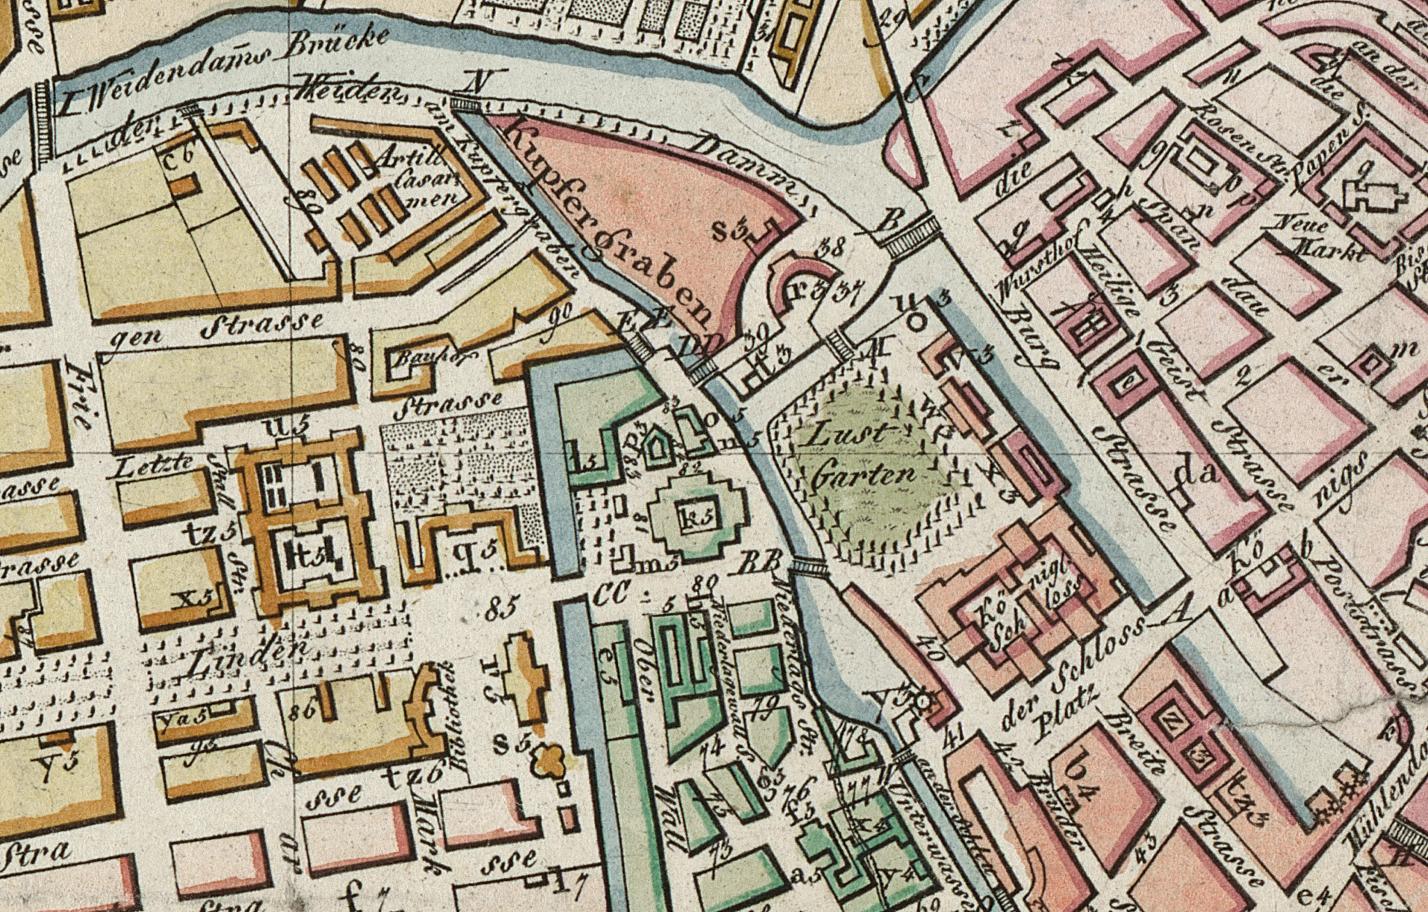 Beethoven in Berlin, Stadtplanausschnitt um 1800